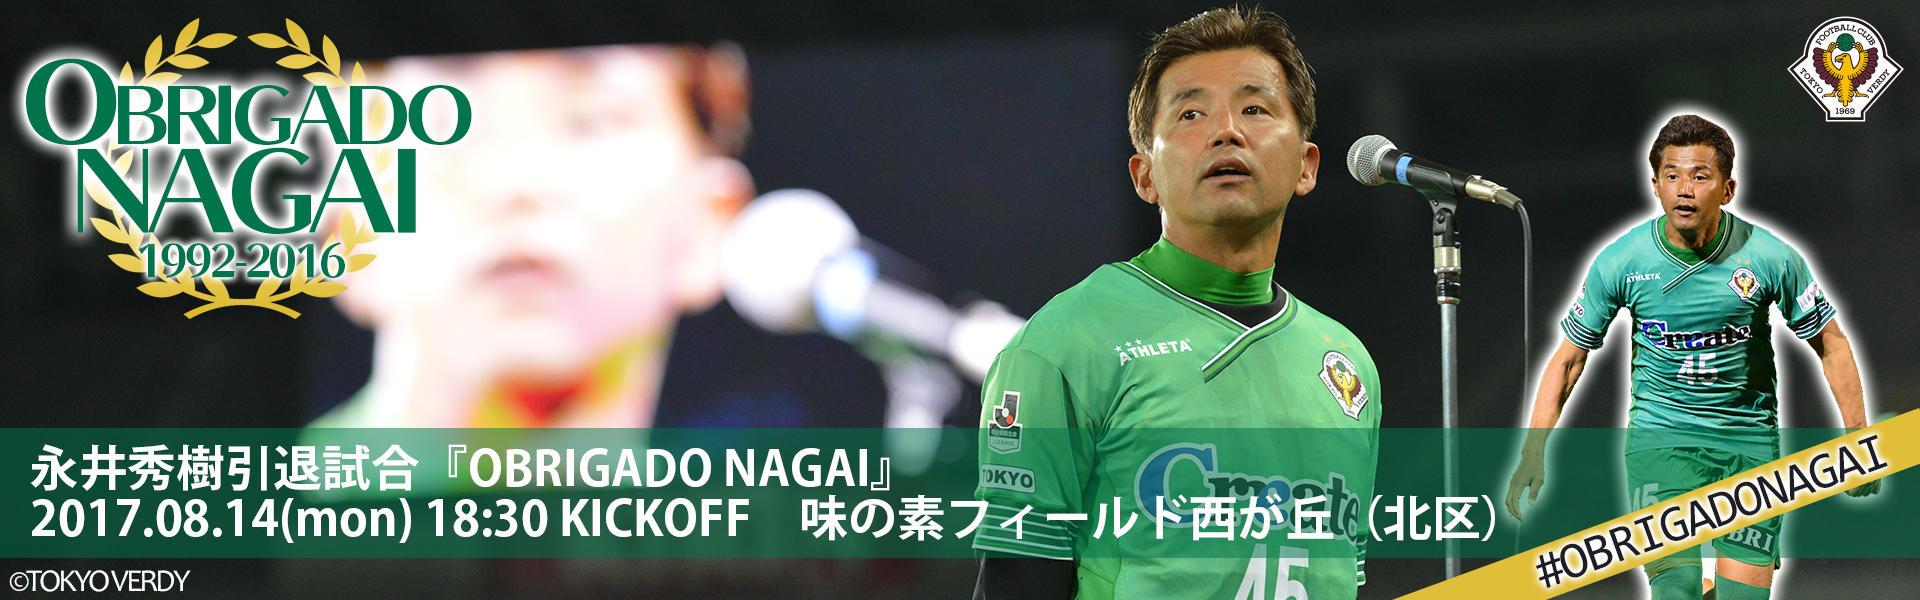 20170814_nagai_web.jpg